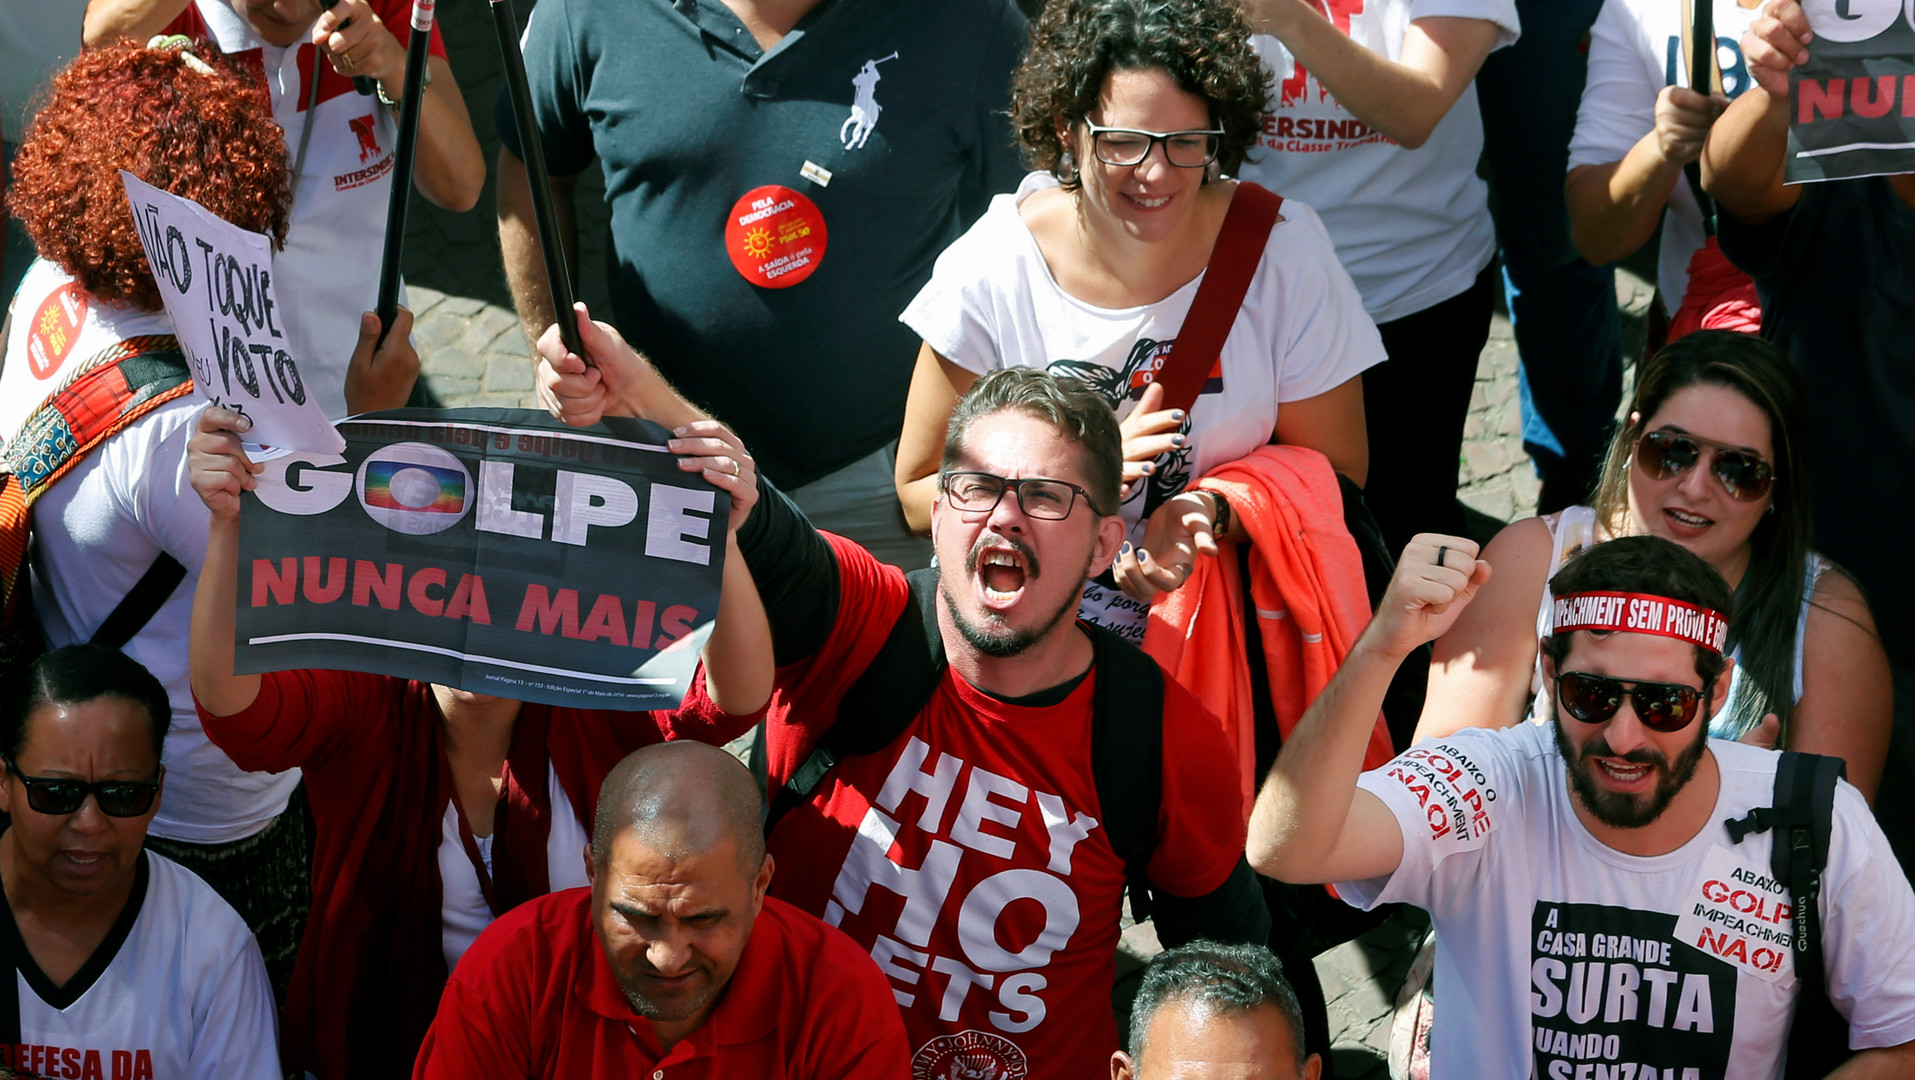 """Unterstützer der brasilanischen PT-Regierung protestieren in Sao Paulo gegen den """"juristischen Staatstreich"""" gegen Präsidentin Dilma Rousseff"""